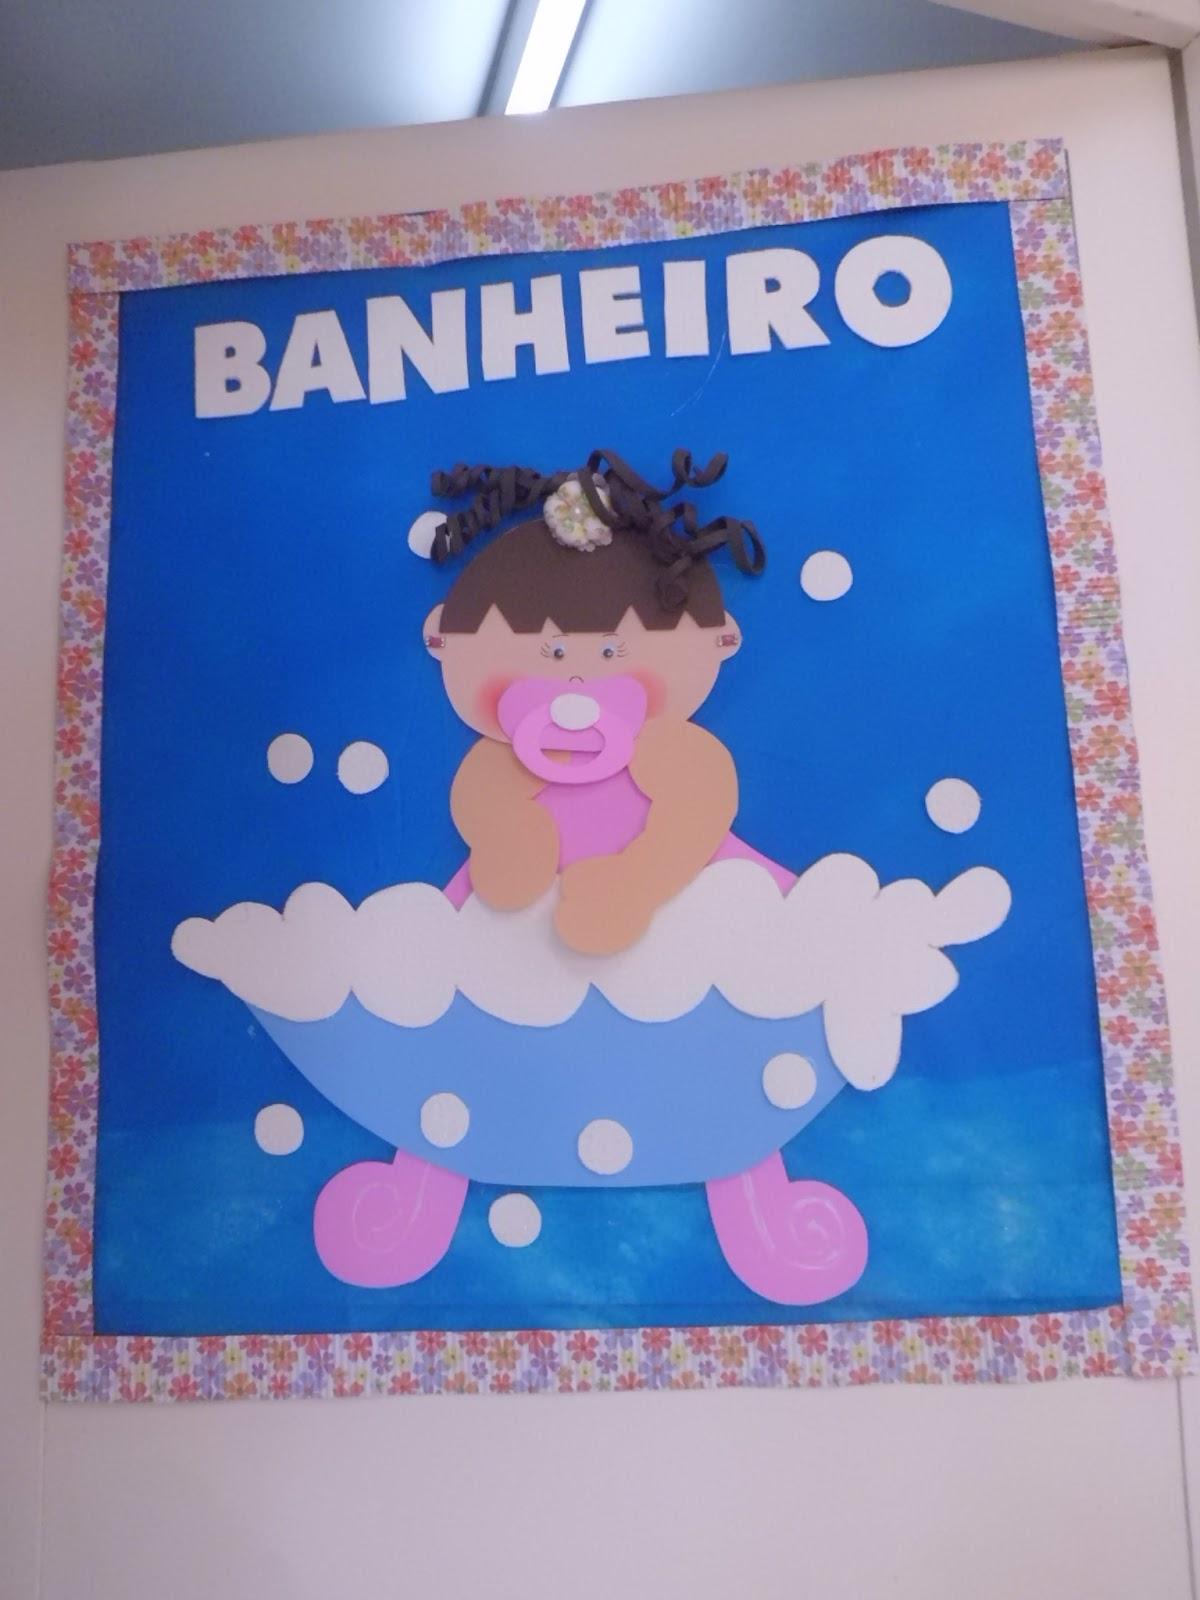 sábado 16 de fevereiro de 2013 #0D4CB4 1200x1600 Aviso Para Banheiro Interditado